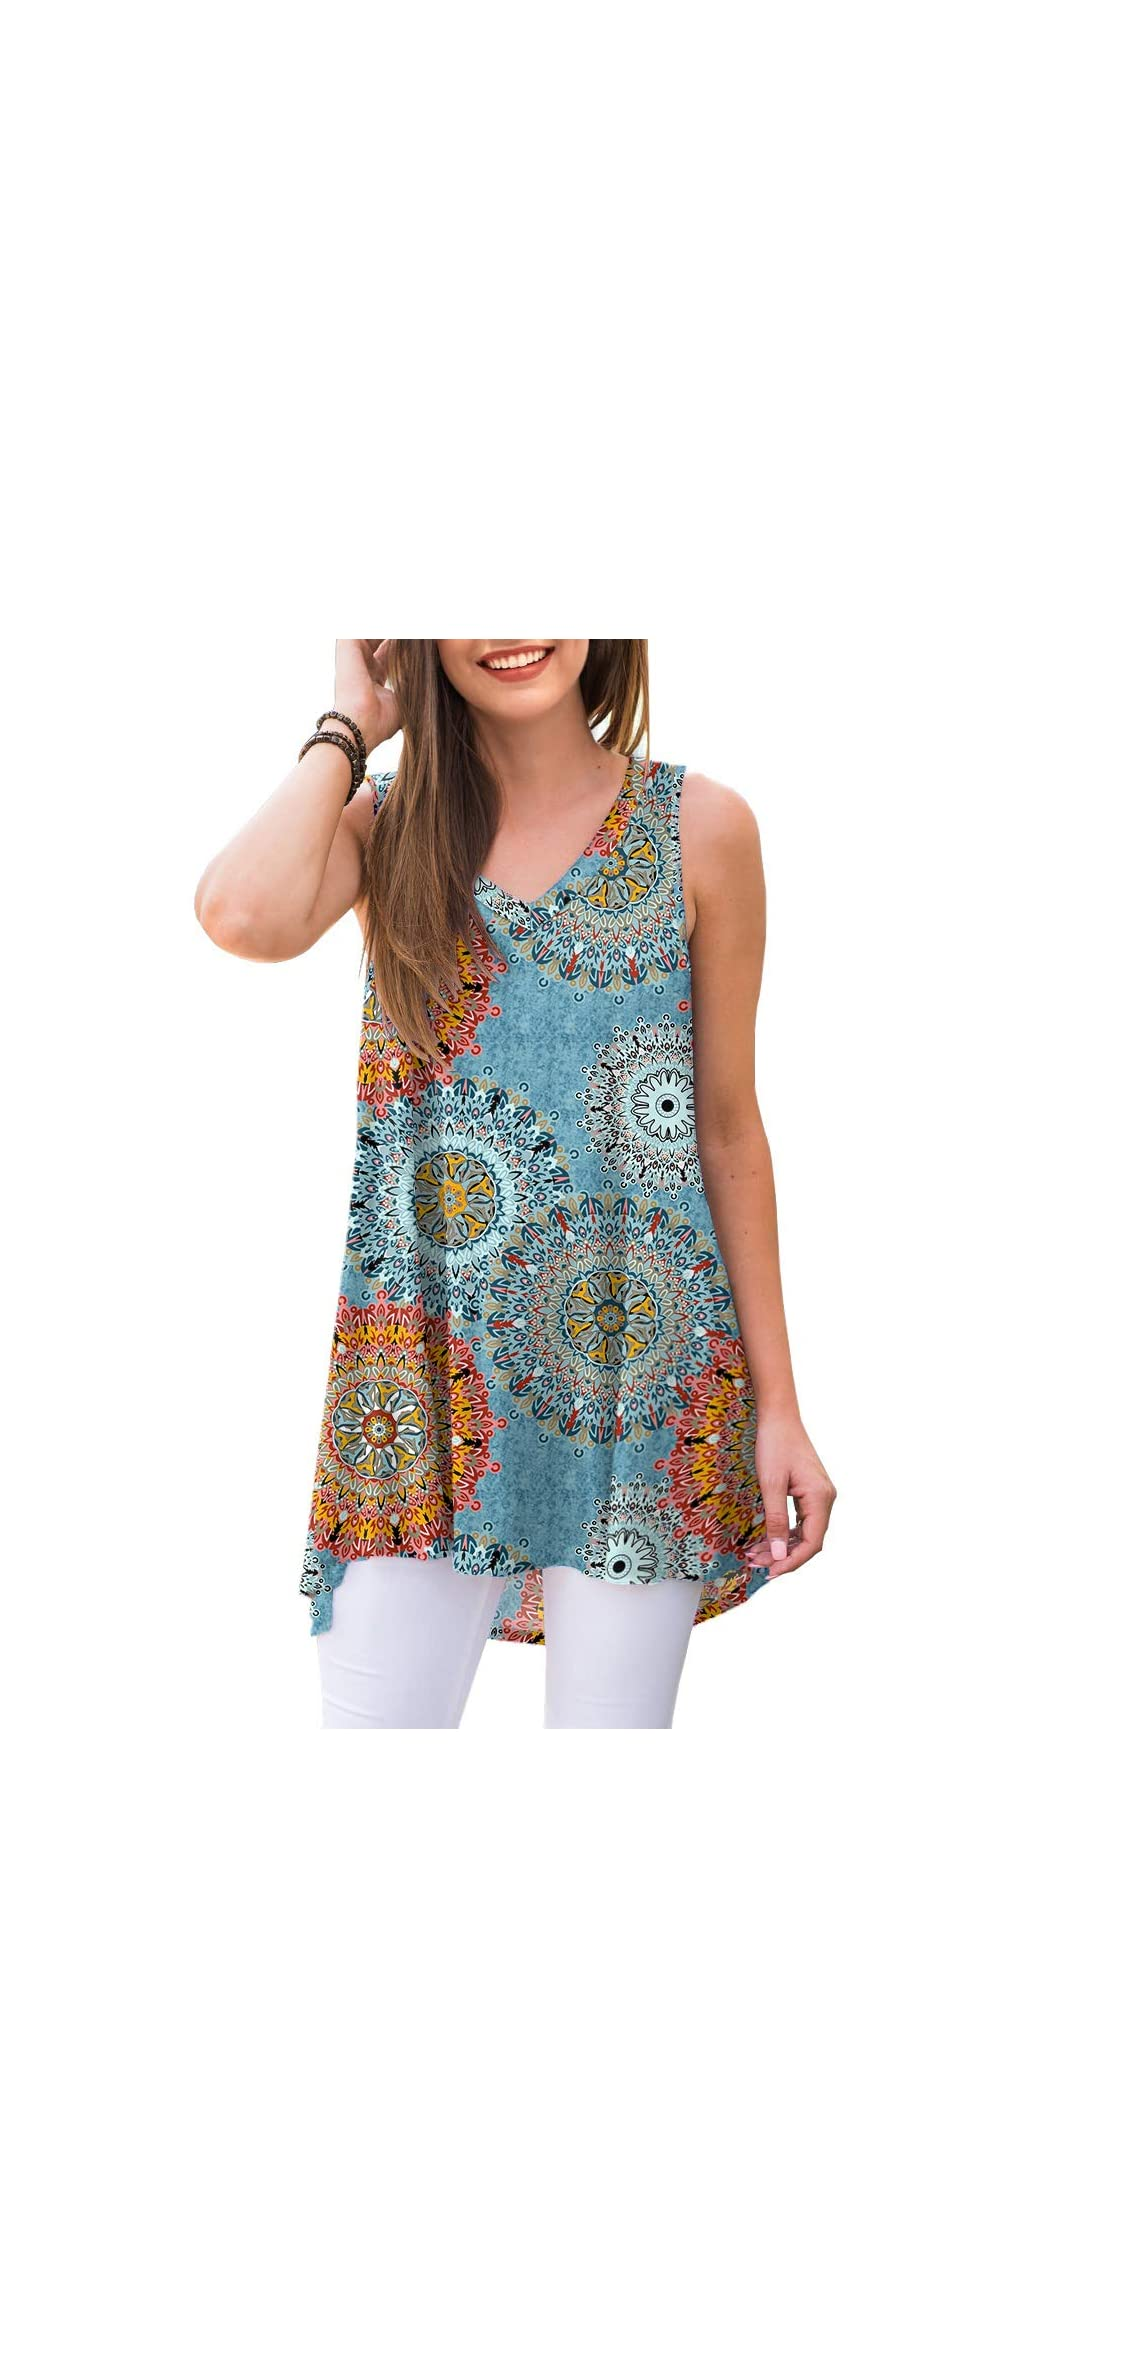 Women's Summer Sleeveless V-neck T-shirt Tunic Tops